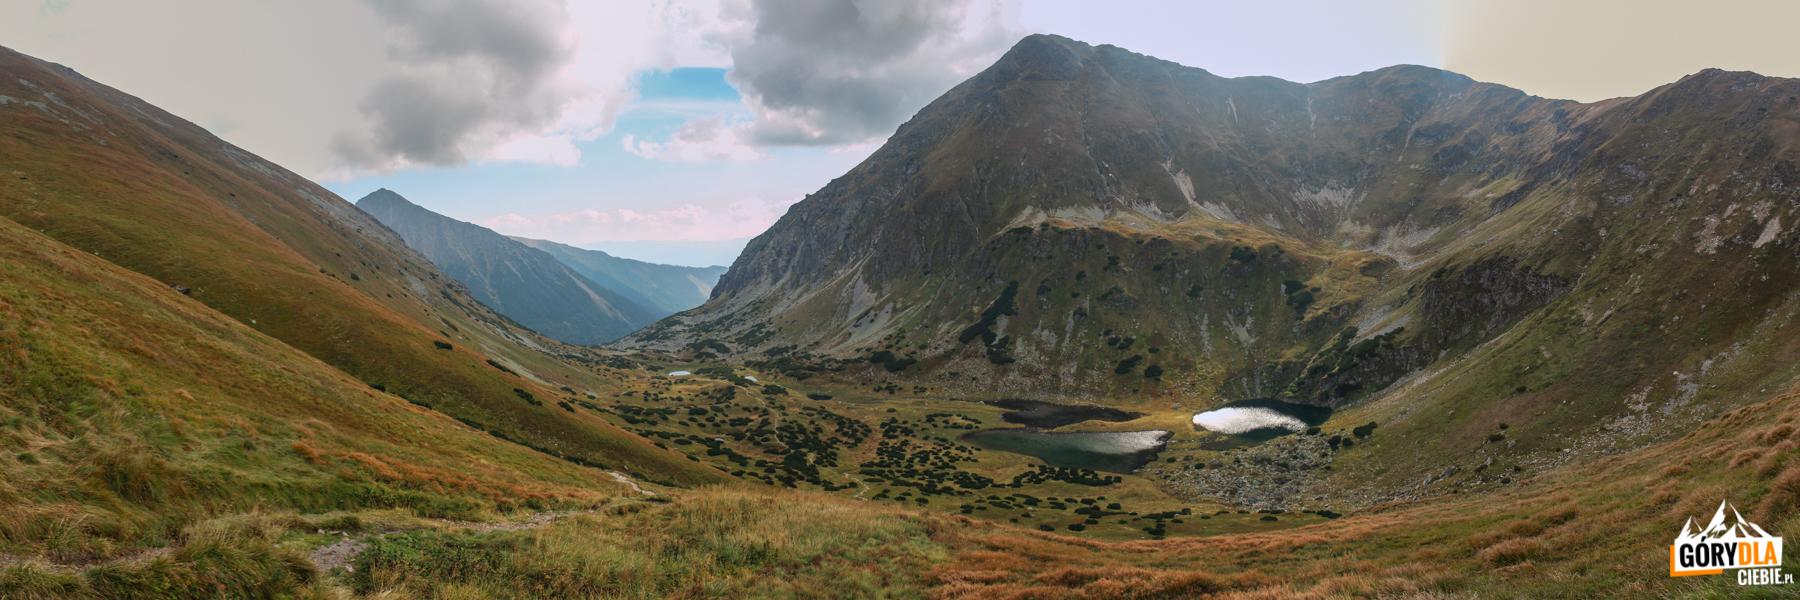 Zadnia Raczkowa Dolina z widocznymi Raczkowymi Stawami i górującą nad nimi Raczkową Czubę (słow. Jakubina, 2194 m)